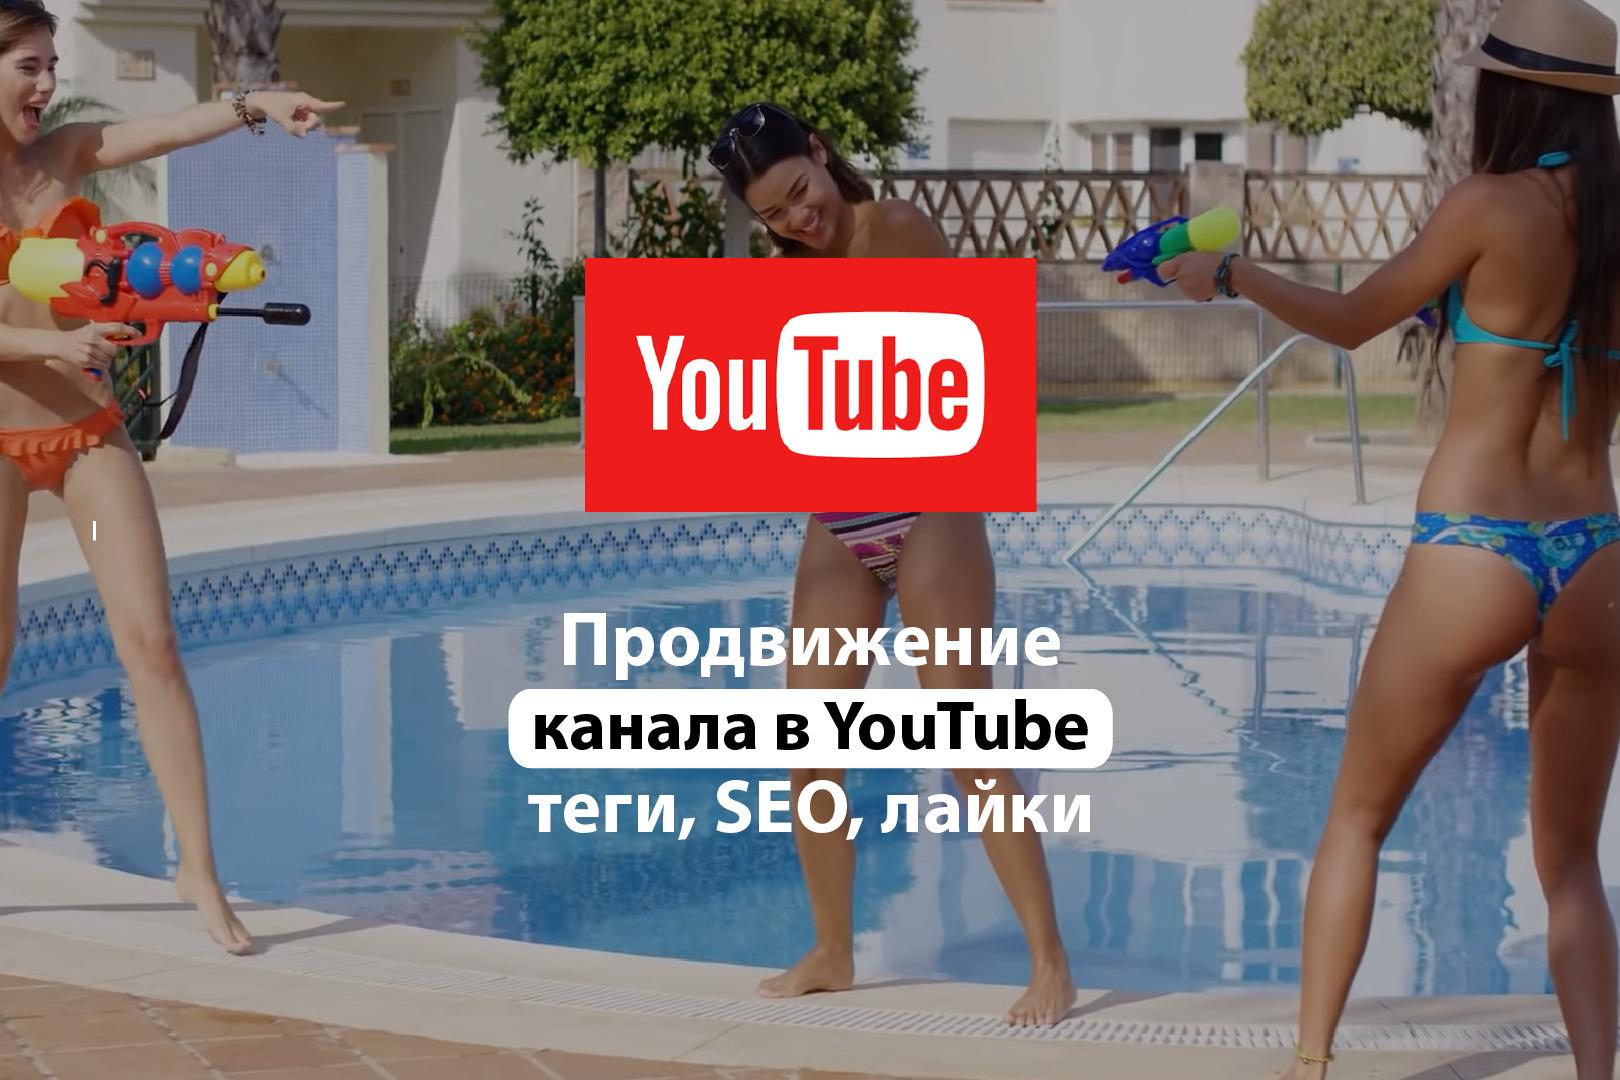 Продвижение в YouTube — как раскрутить канал 2021 🤖